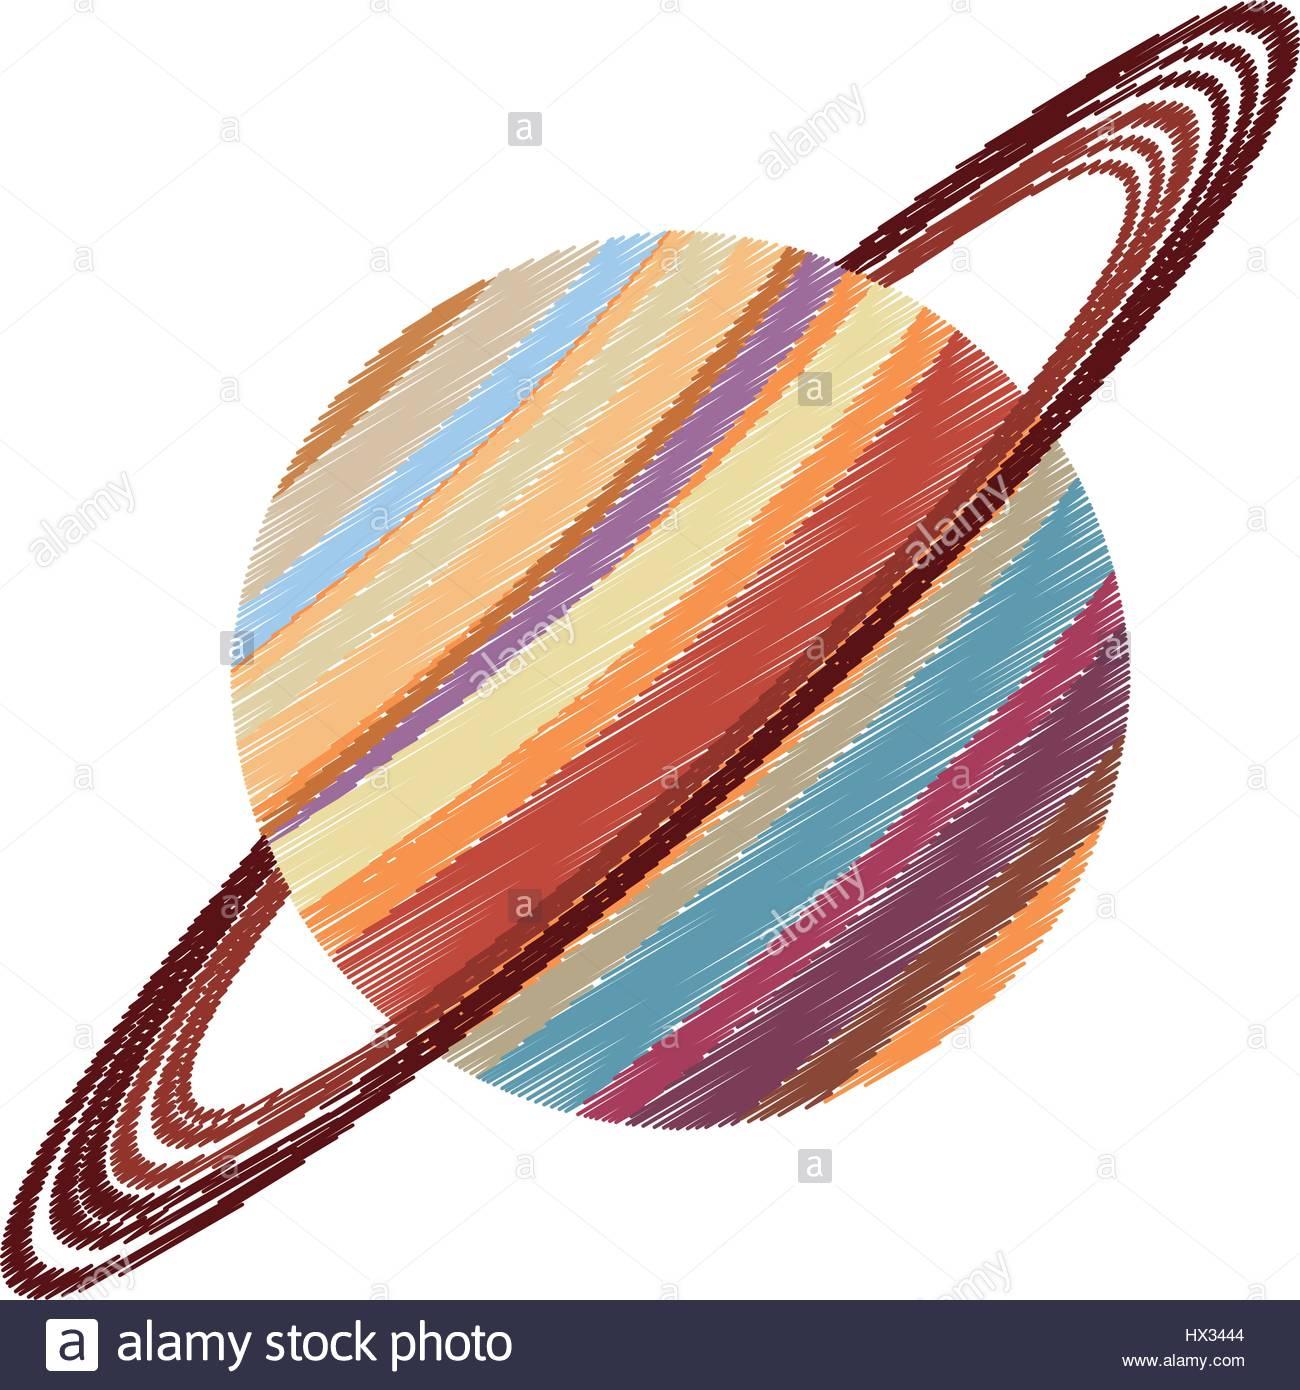 Image Astronomie Planète Saturne Dessin Vecteurs Et dedans Saturne Dessin